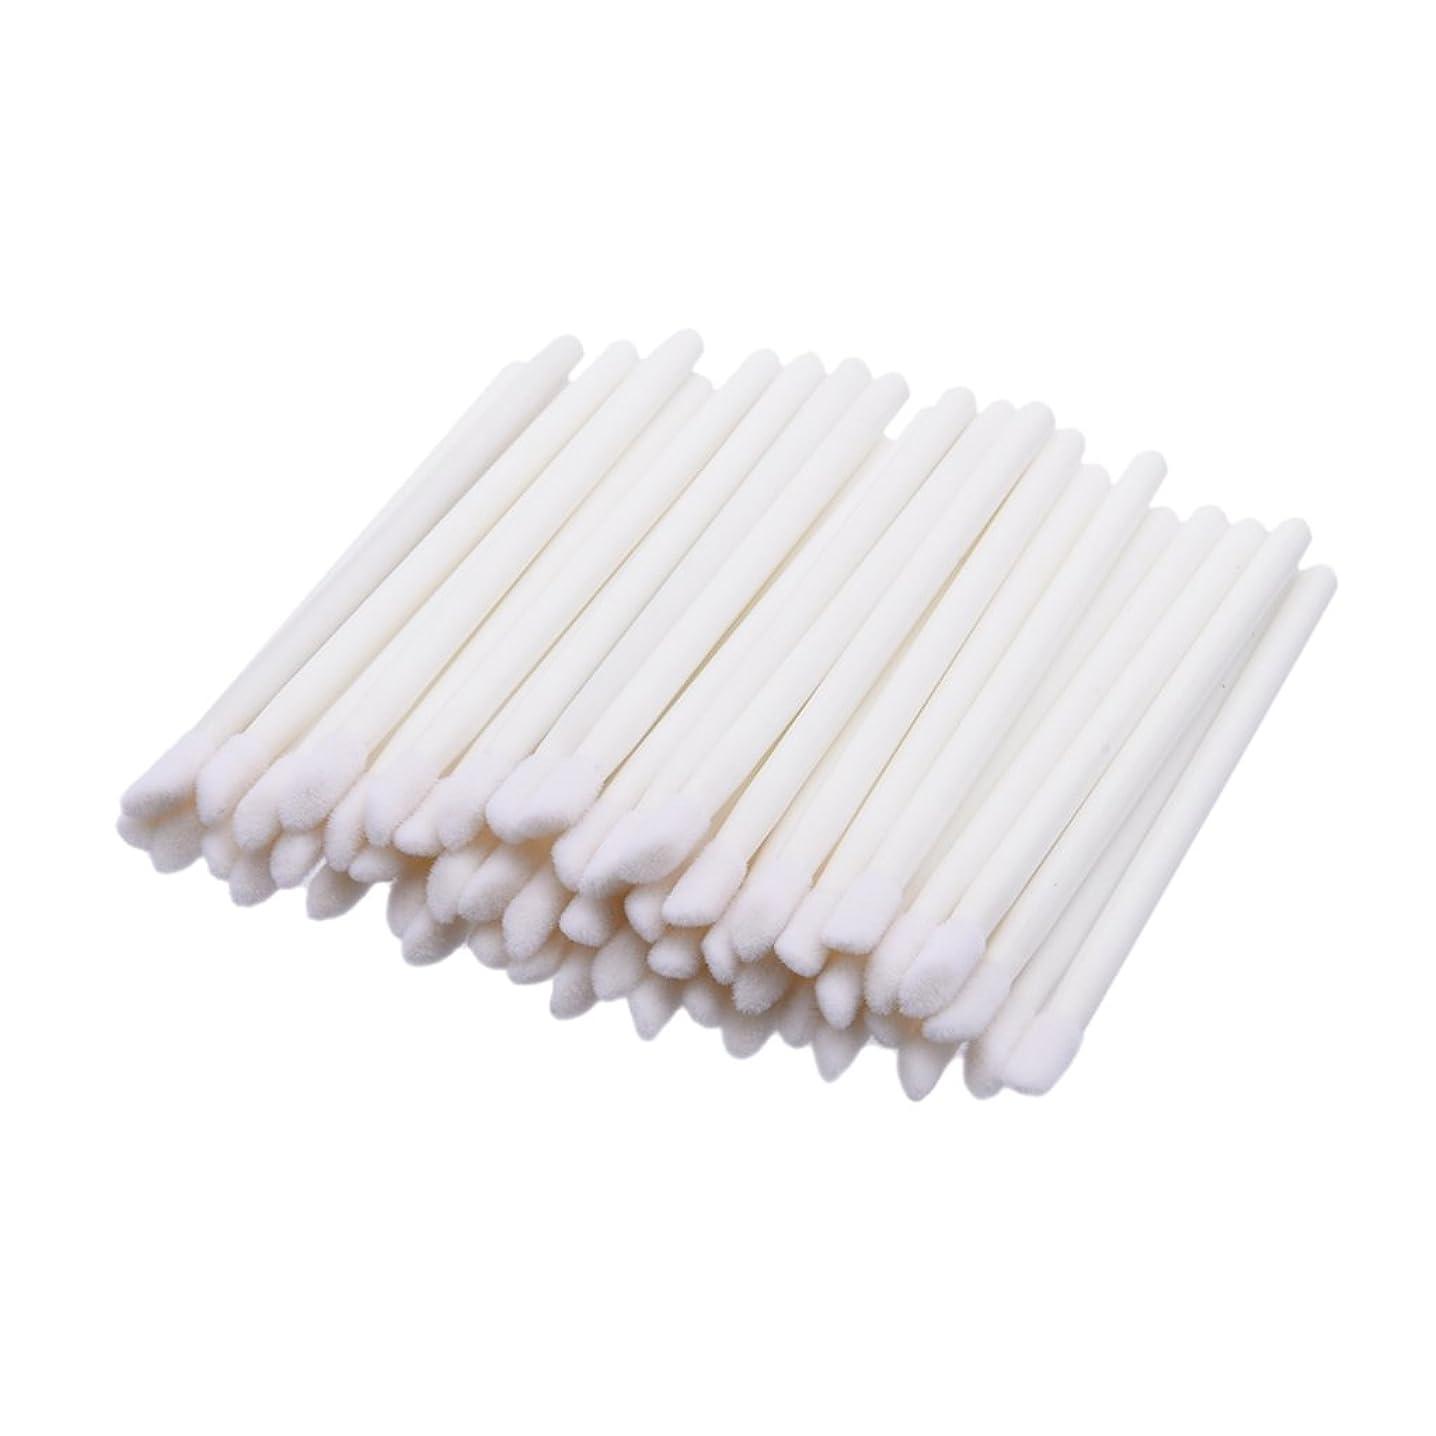 女性組立事前Perfk 約50個入り 使い捨て リップグロスブラシ リップスティック ワンド メイクアップ アプリケータ 携帯用 便利 化粧リップ 業務用  全4色 - 白